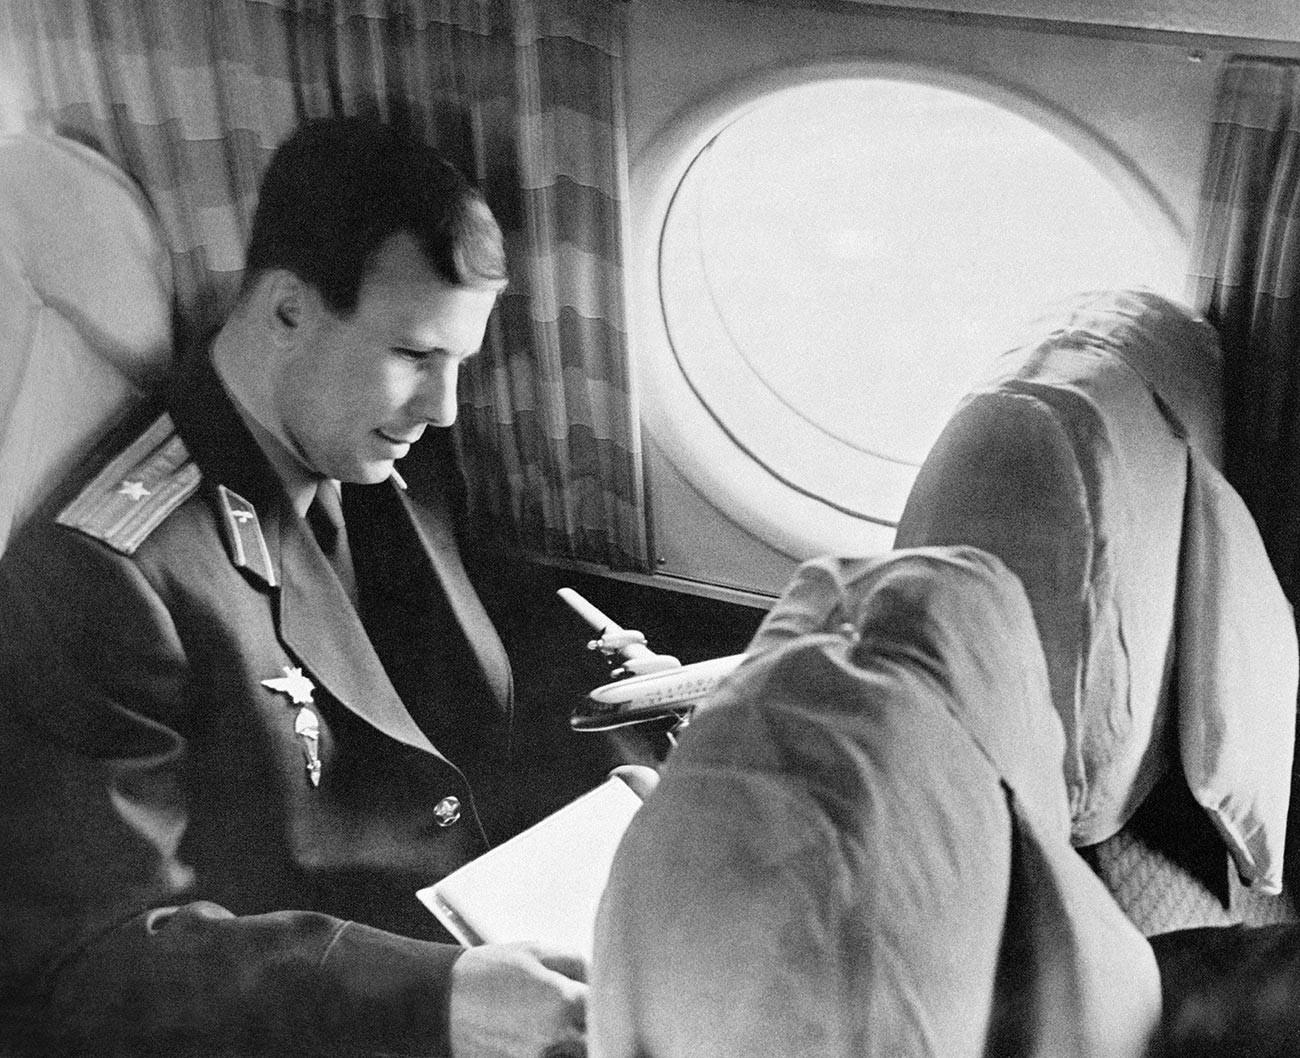 Le 14avril, deux jours après son vol à succès, Iouri Gagarine était amené à Moscou par un avion spécial.